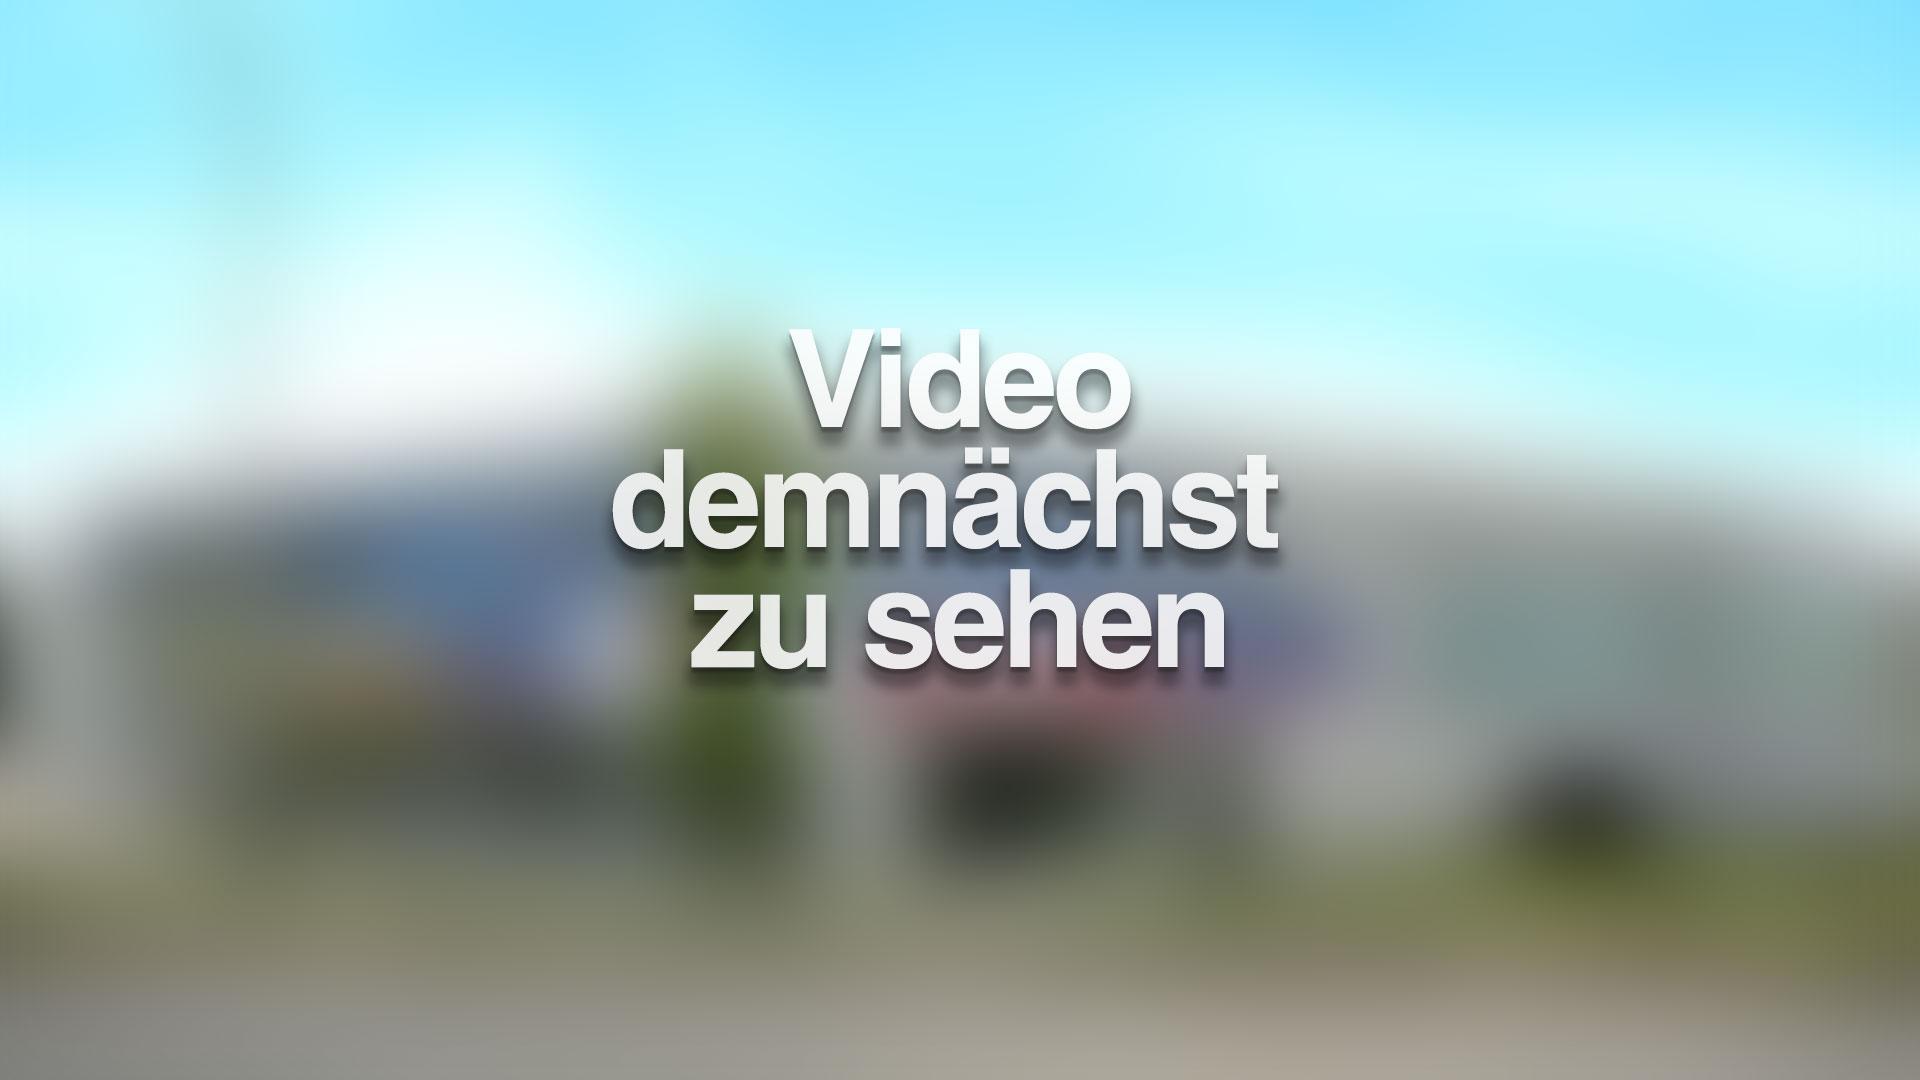 Demnaechst-Nabburg